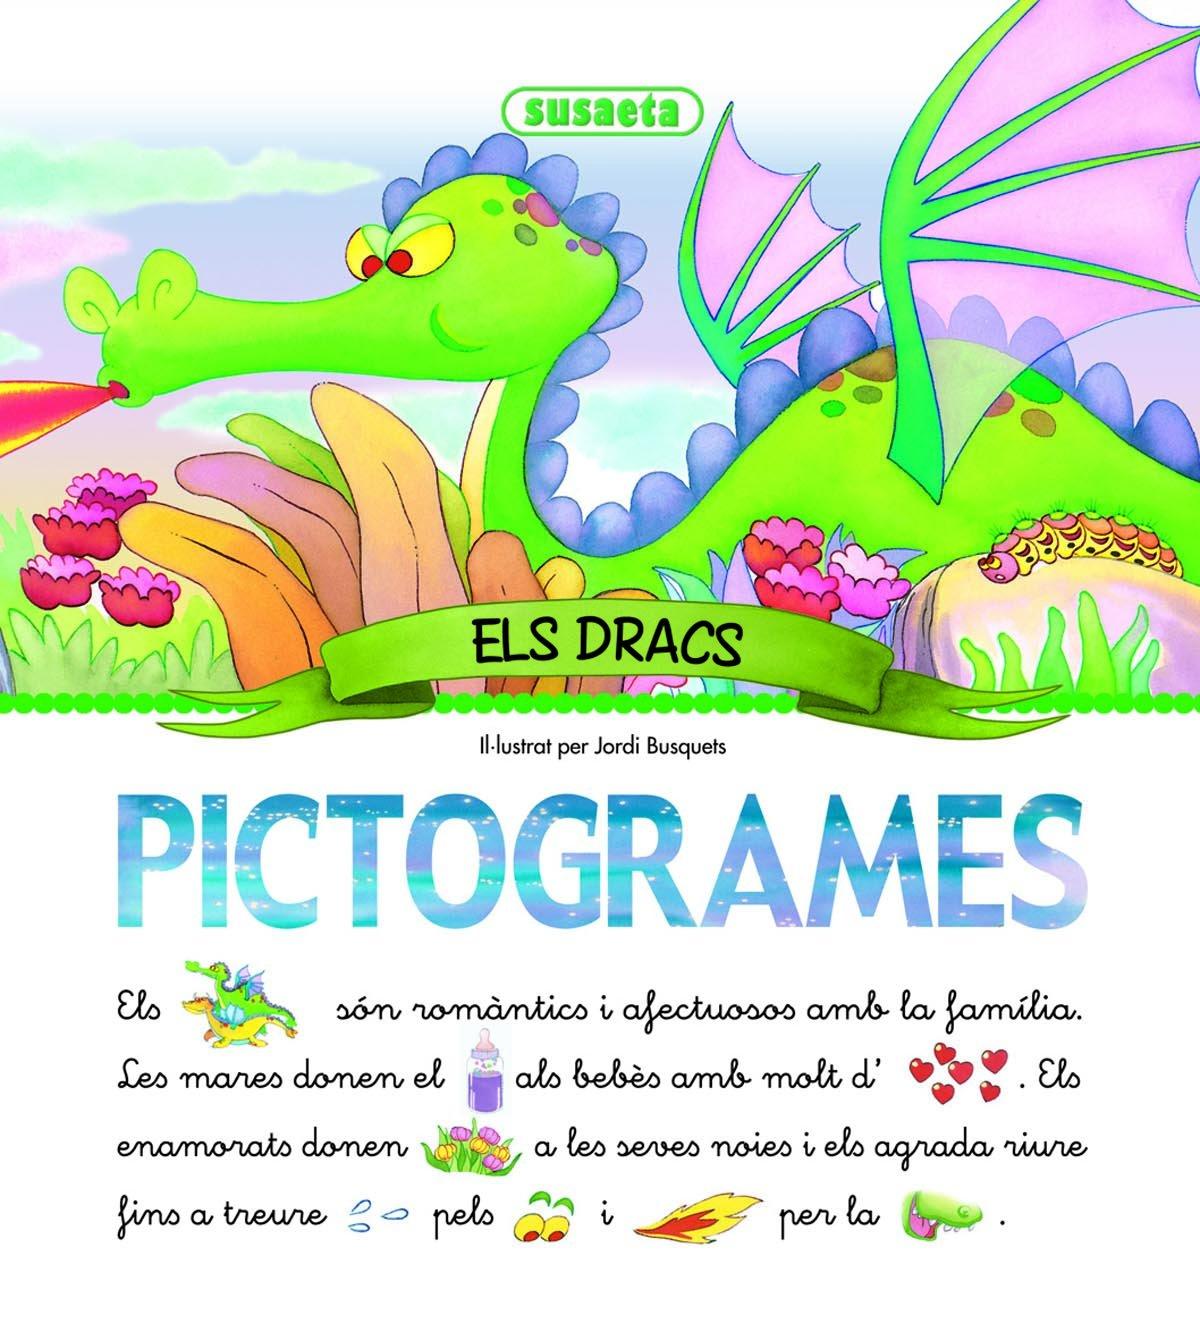 Dracs, Els (Pictogrames) (Catalán) Tapa dura – 9 nov 2016 Equipo Susaeta Tikal-Susaeta 8430534636 Misterios